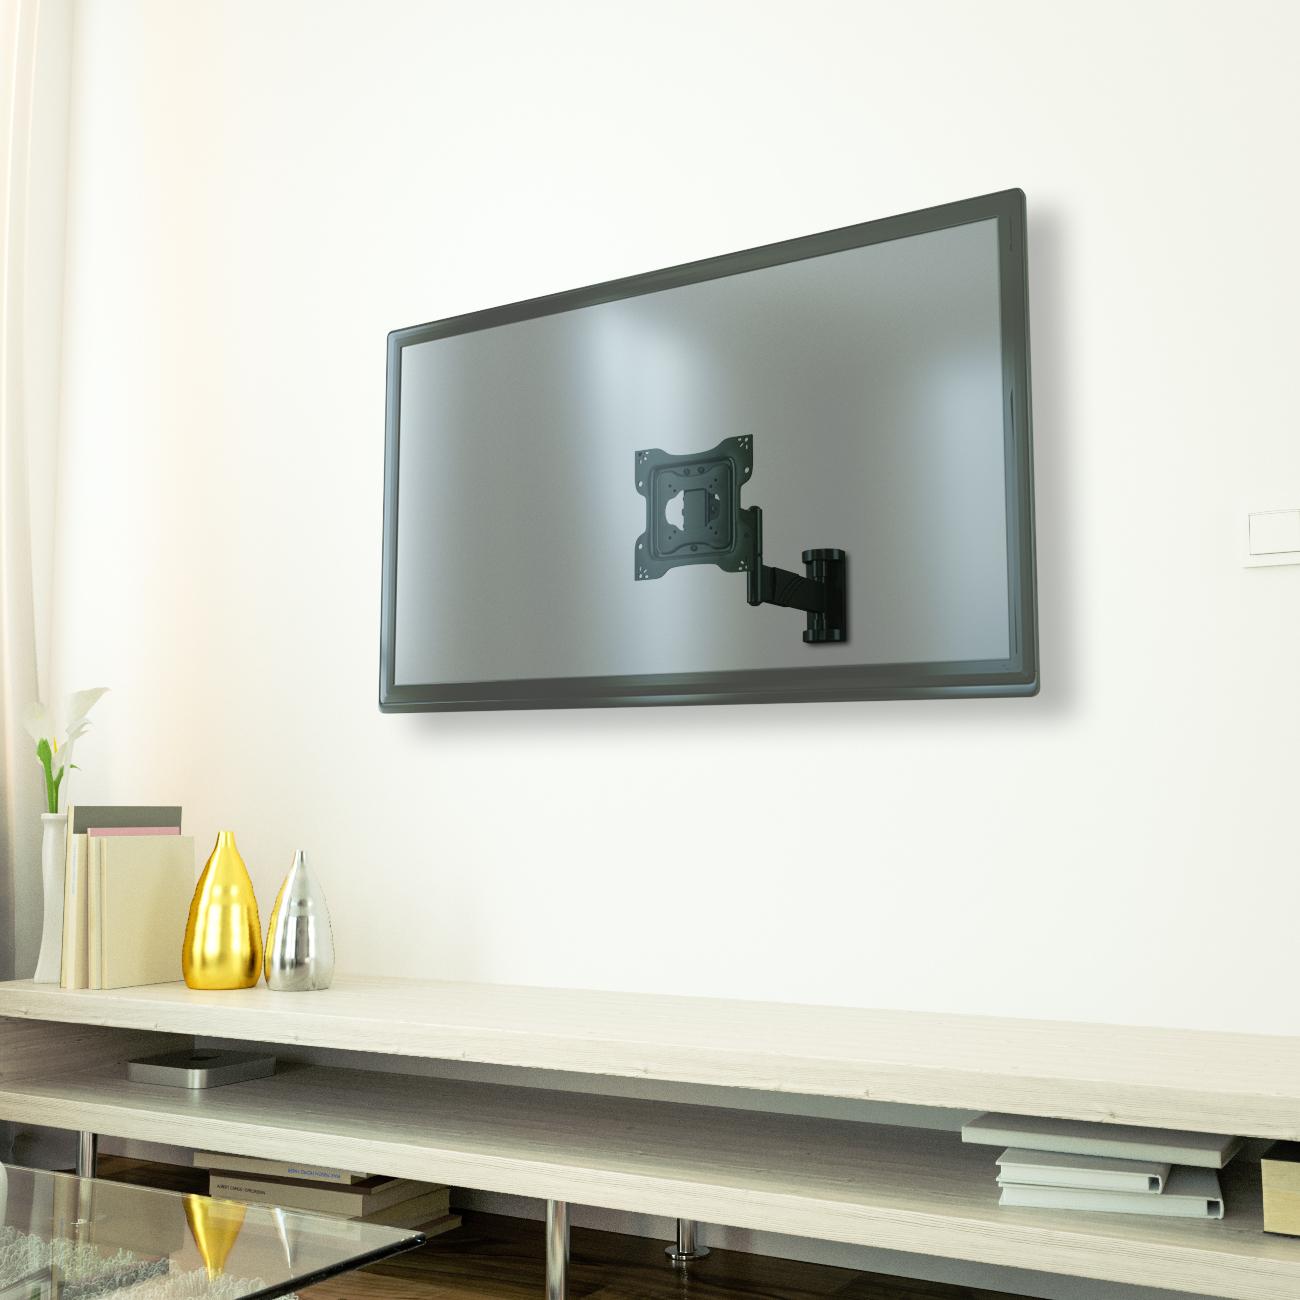 Lcd led tv fernseher wandhalter wandhalterung 26 55 zoll - Wandhalterung lcd fernseher ...